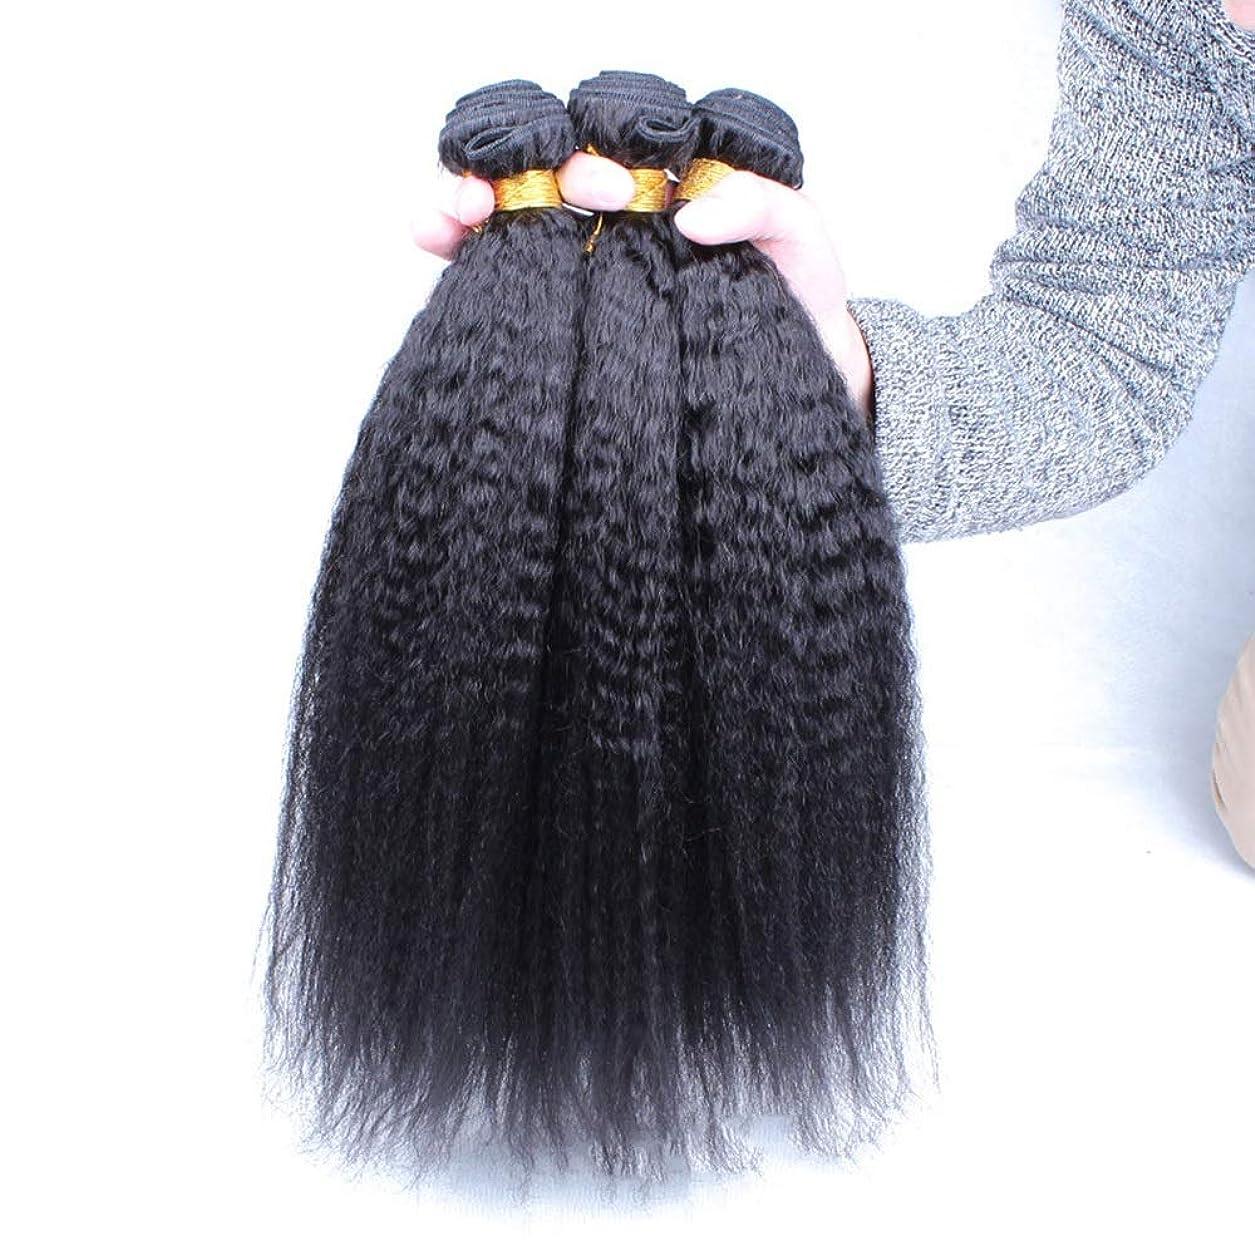 つまらないギャラリーとにかくかつら ブラジルの変態ストレート人間の髪の毛の束焼きストレート人間の髪の毛の拡張子100%人毛エクステンションナチュラルブラック(10インチ-24インチ)小さな巻き毛のかつら (色 : 黒, サイズ : 20 inch)